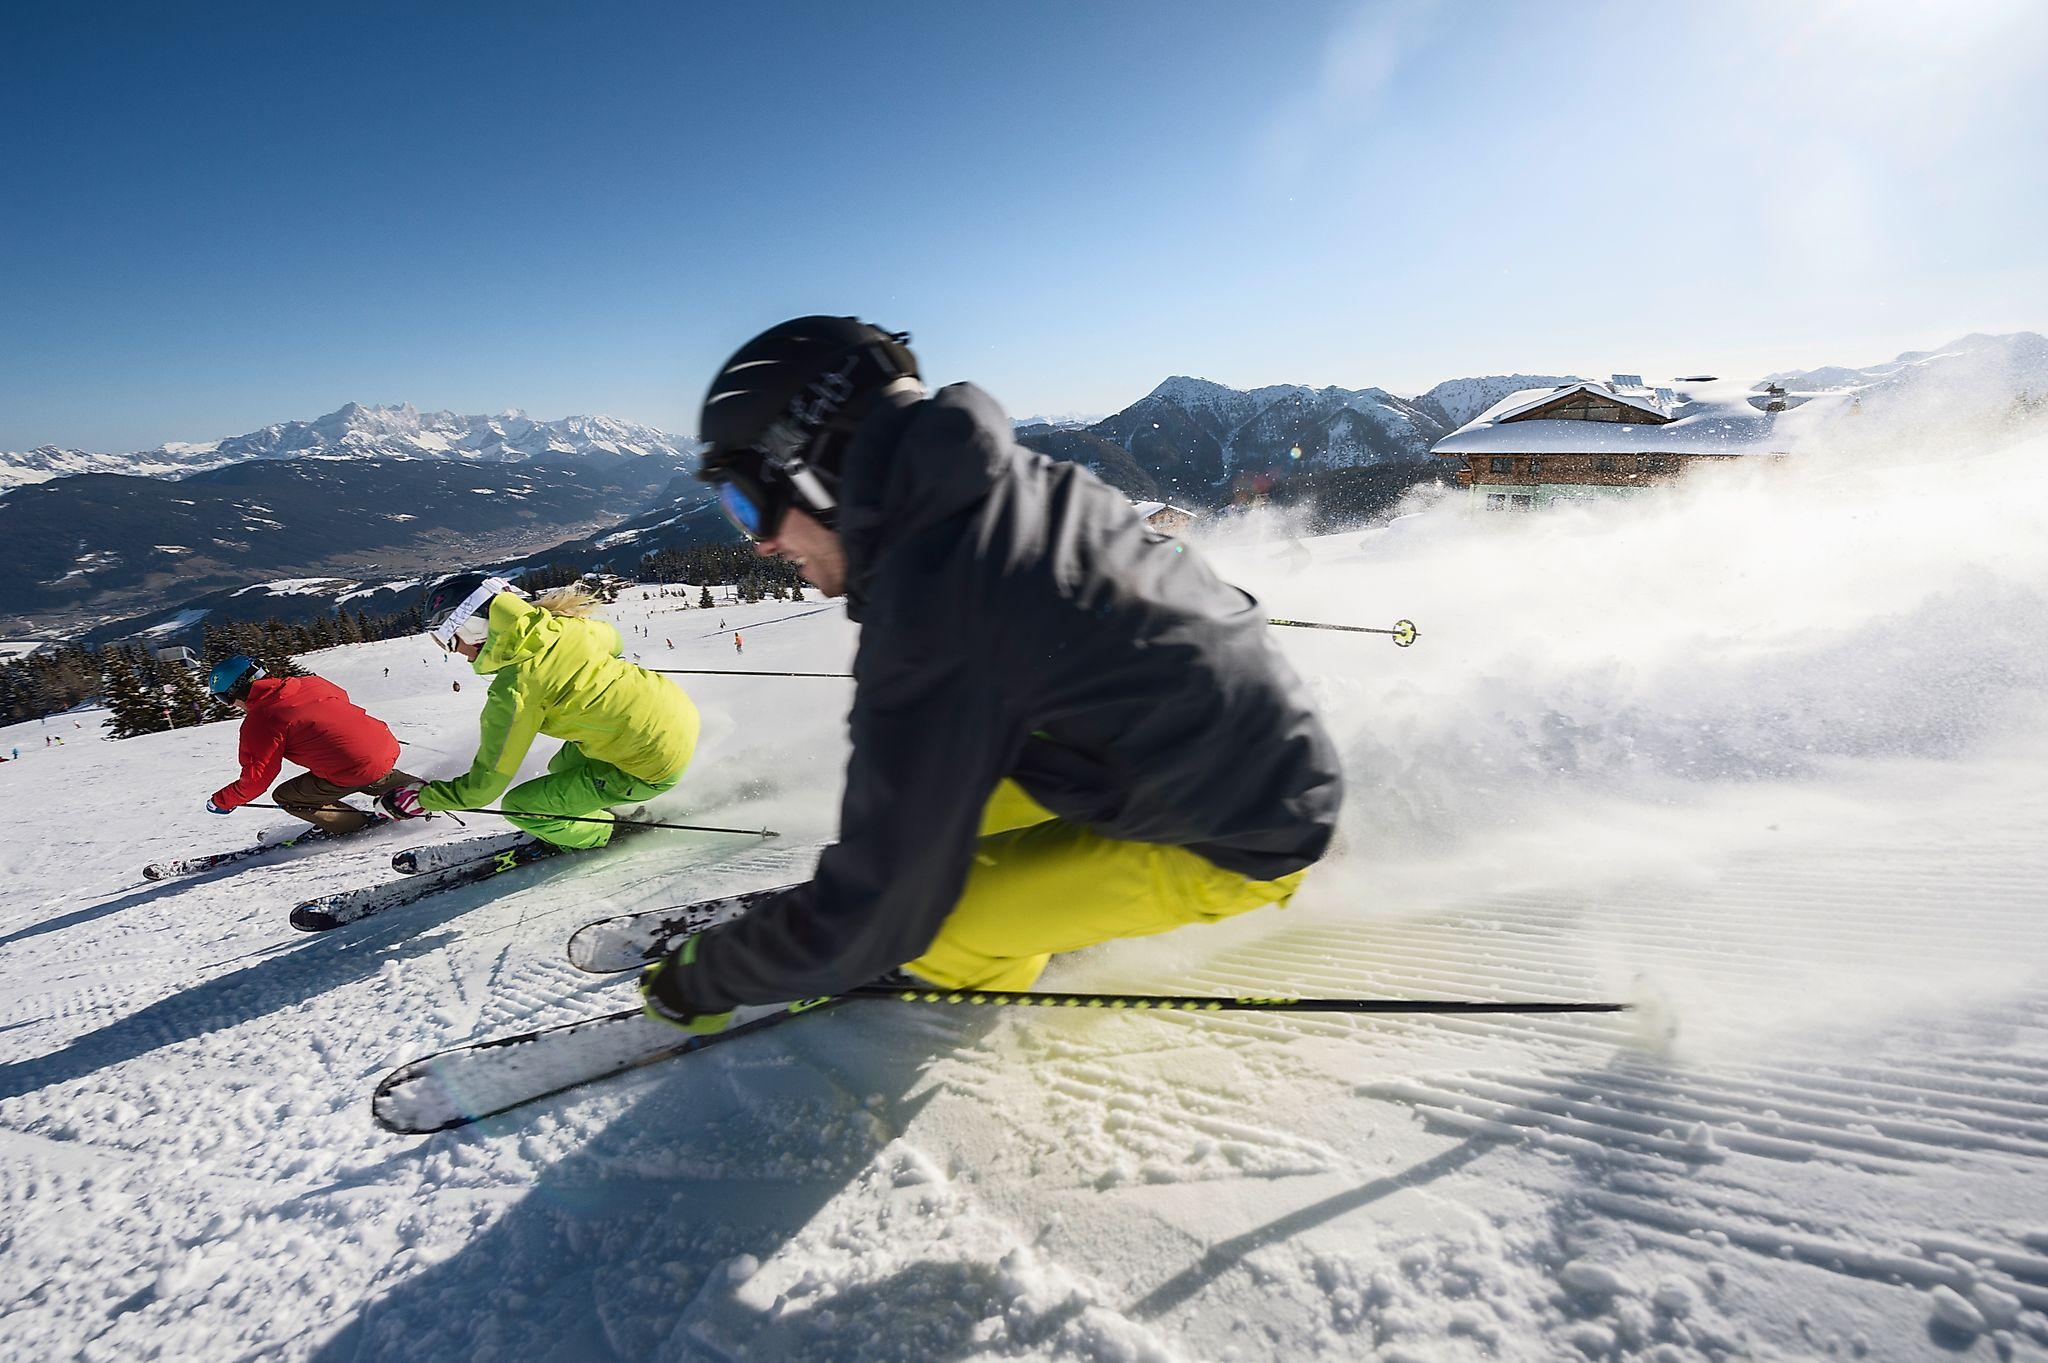 <p>Skifahren ist einfach ein genialer Wintersport. Wir lieben den Skisport, wir lieben den Winter</p>